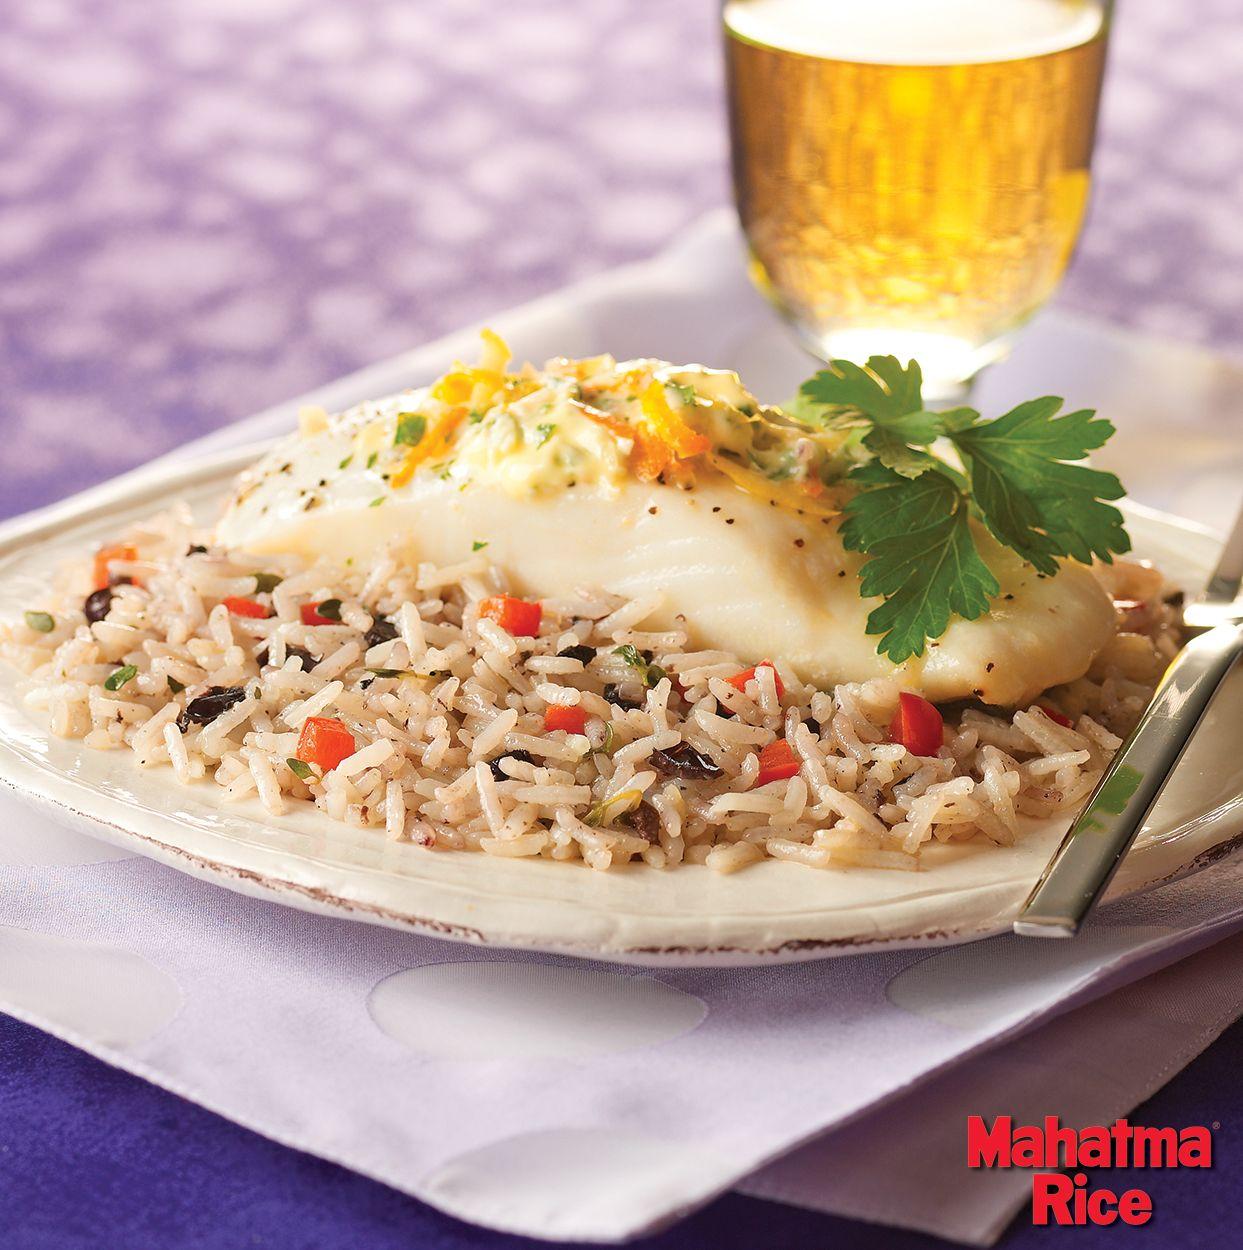 is mahatma jasmine rice gluten free